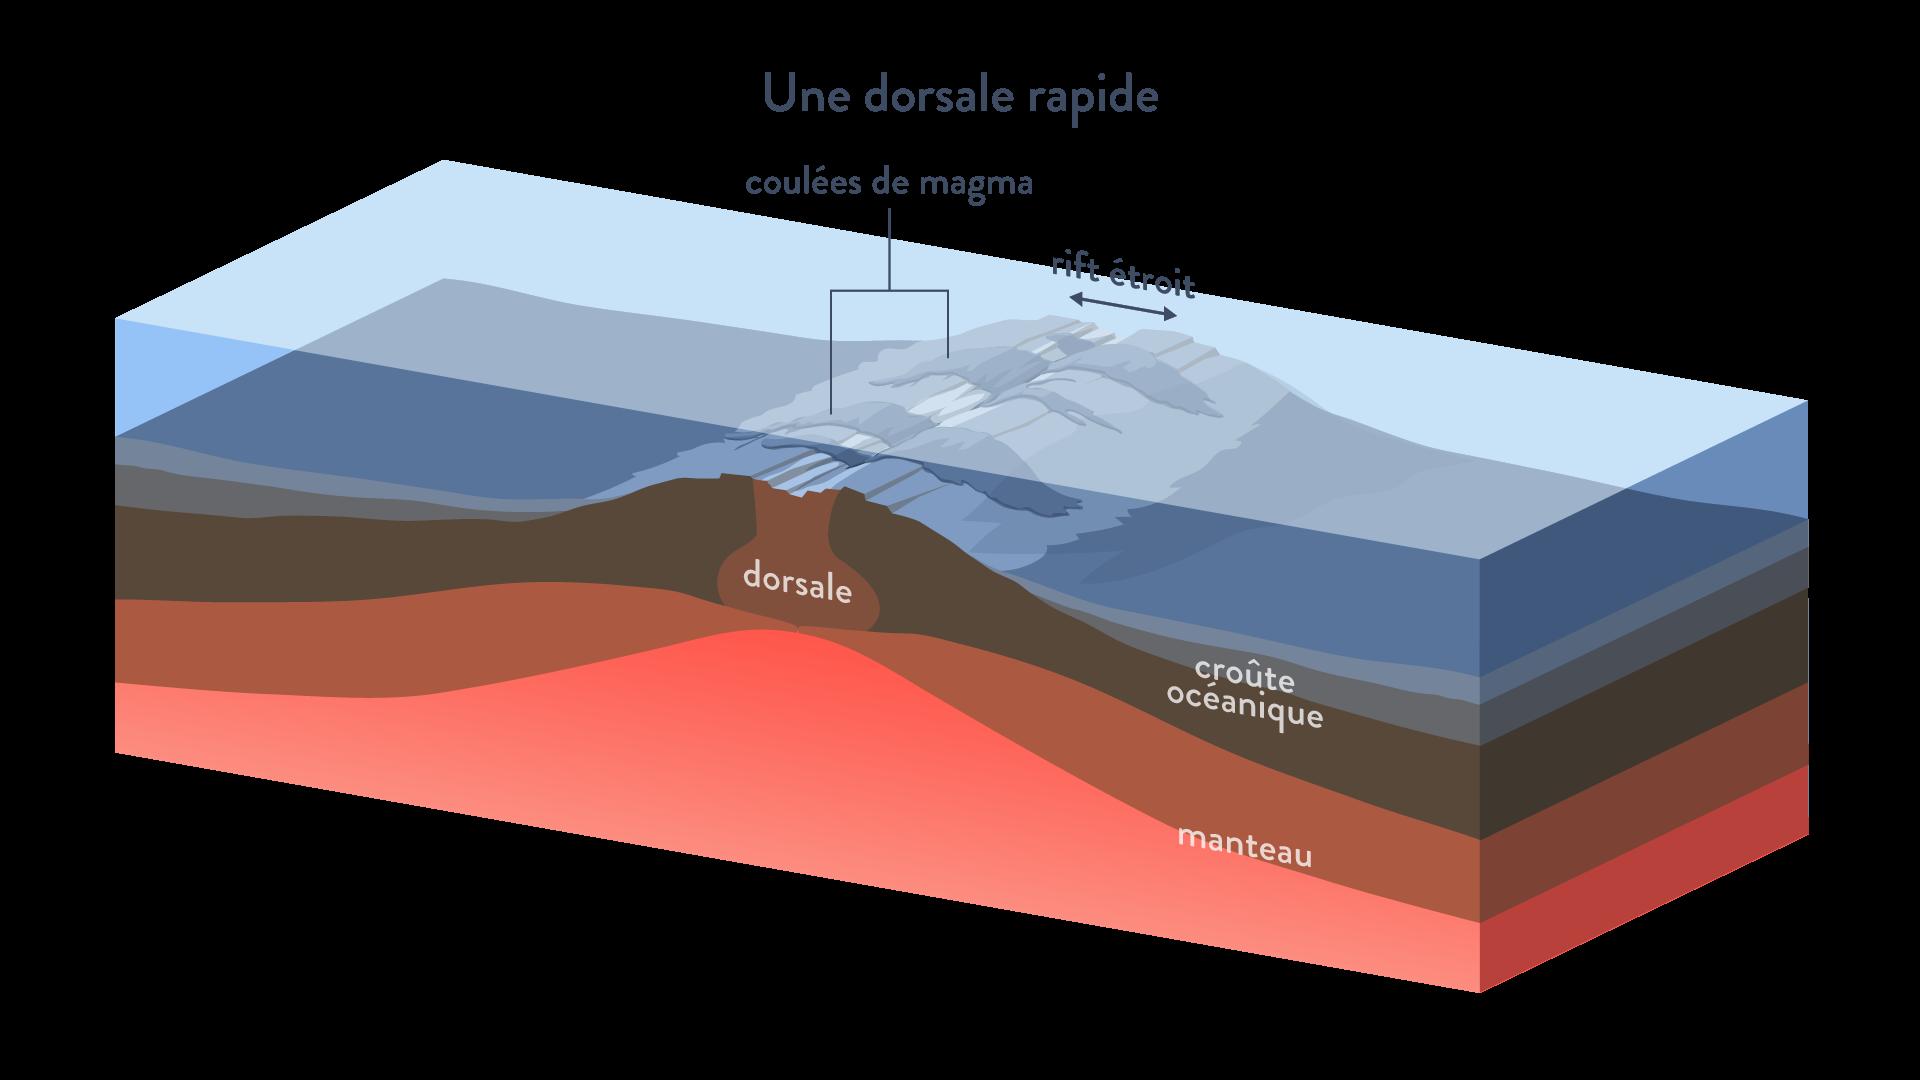 Dorsale rapide coulées de magma rift étroit divergence plaques tectoniques svt première